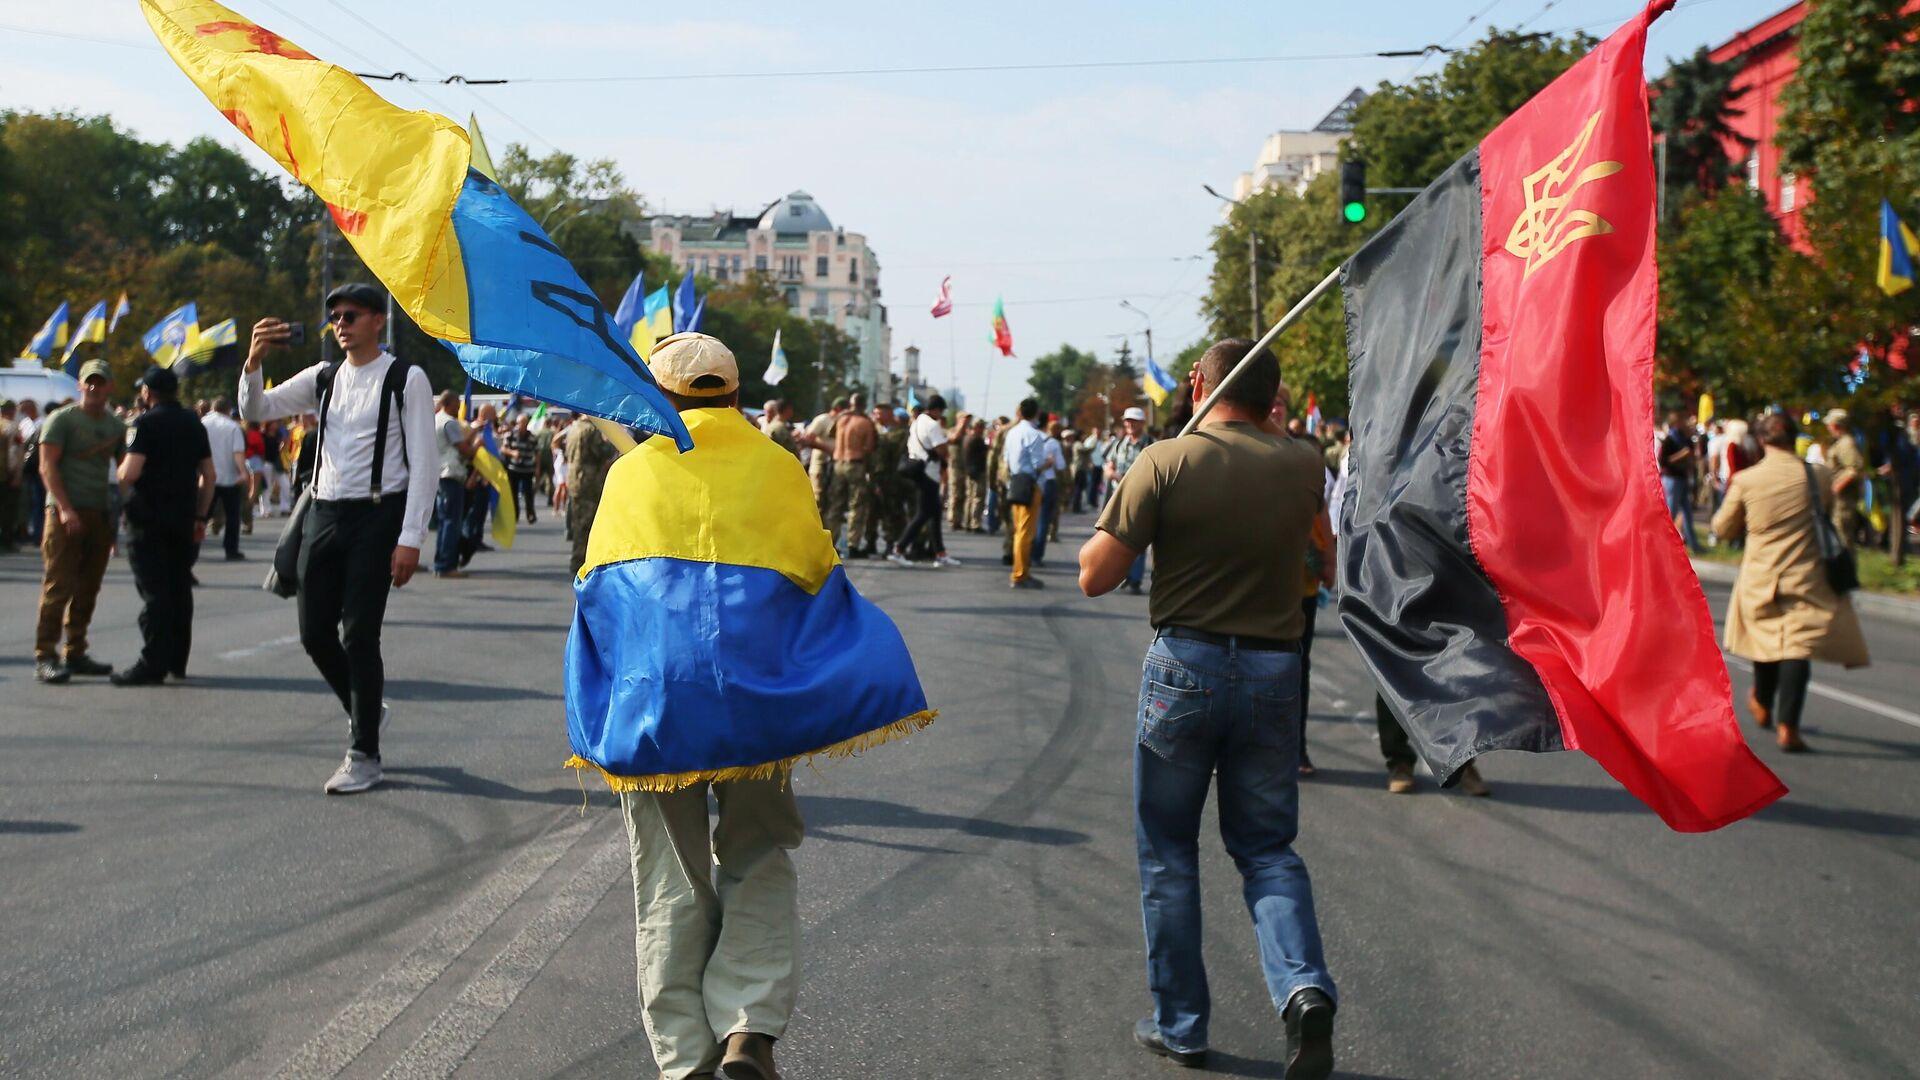 Участники Марша защитников Украины во время акции в рамках празднования Дня независимости страны в Киеве - Sputnik Узбекистан, 1920, 24.08.2021